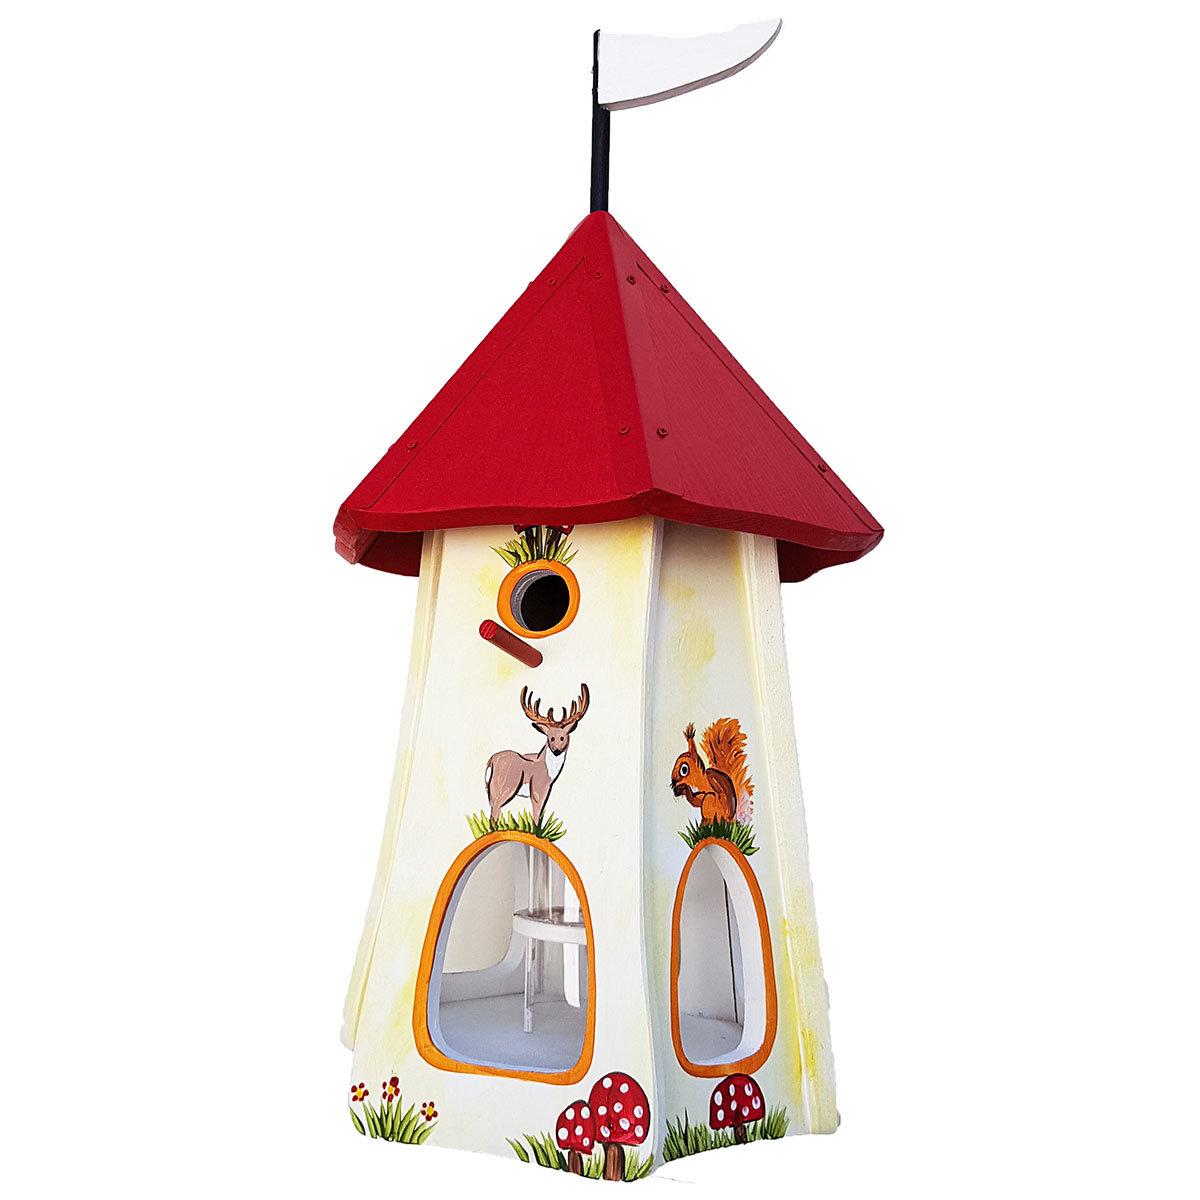 Nistkasten inkl. Vogelhaus Tiere des Waldes